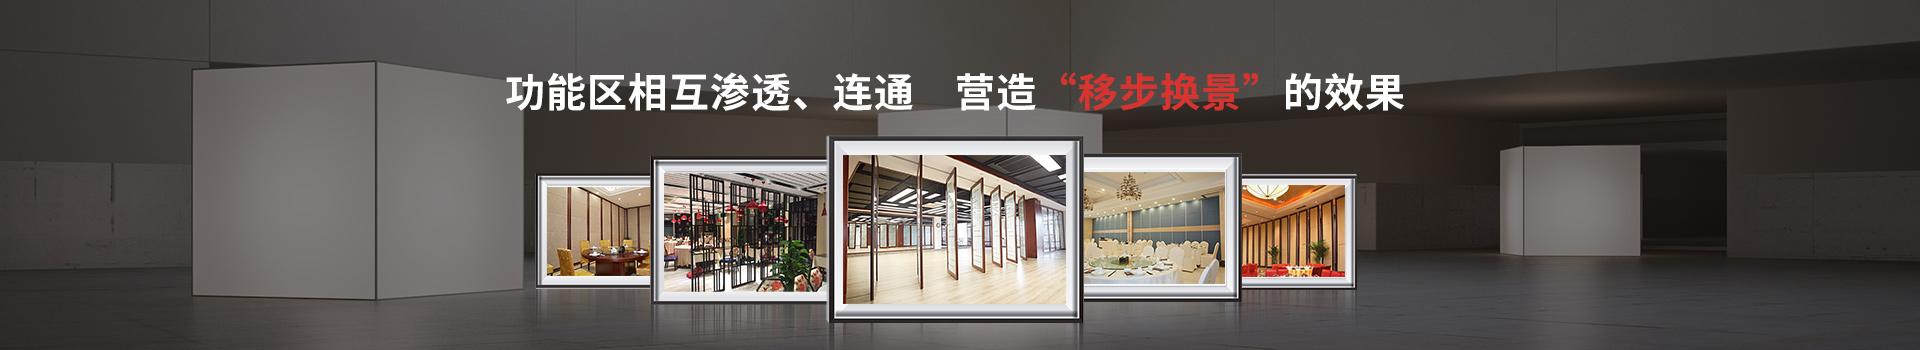 """福皇隔断功能区相互渗透、连通  营造""""移步换景""""的效果"""